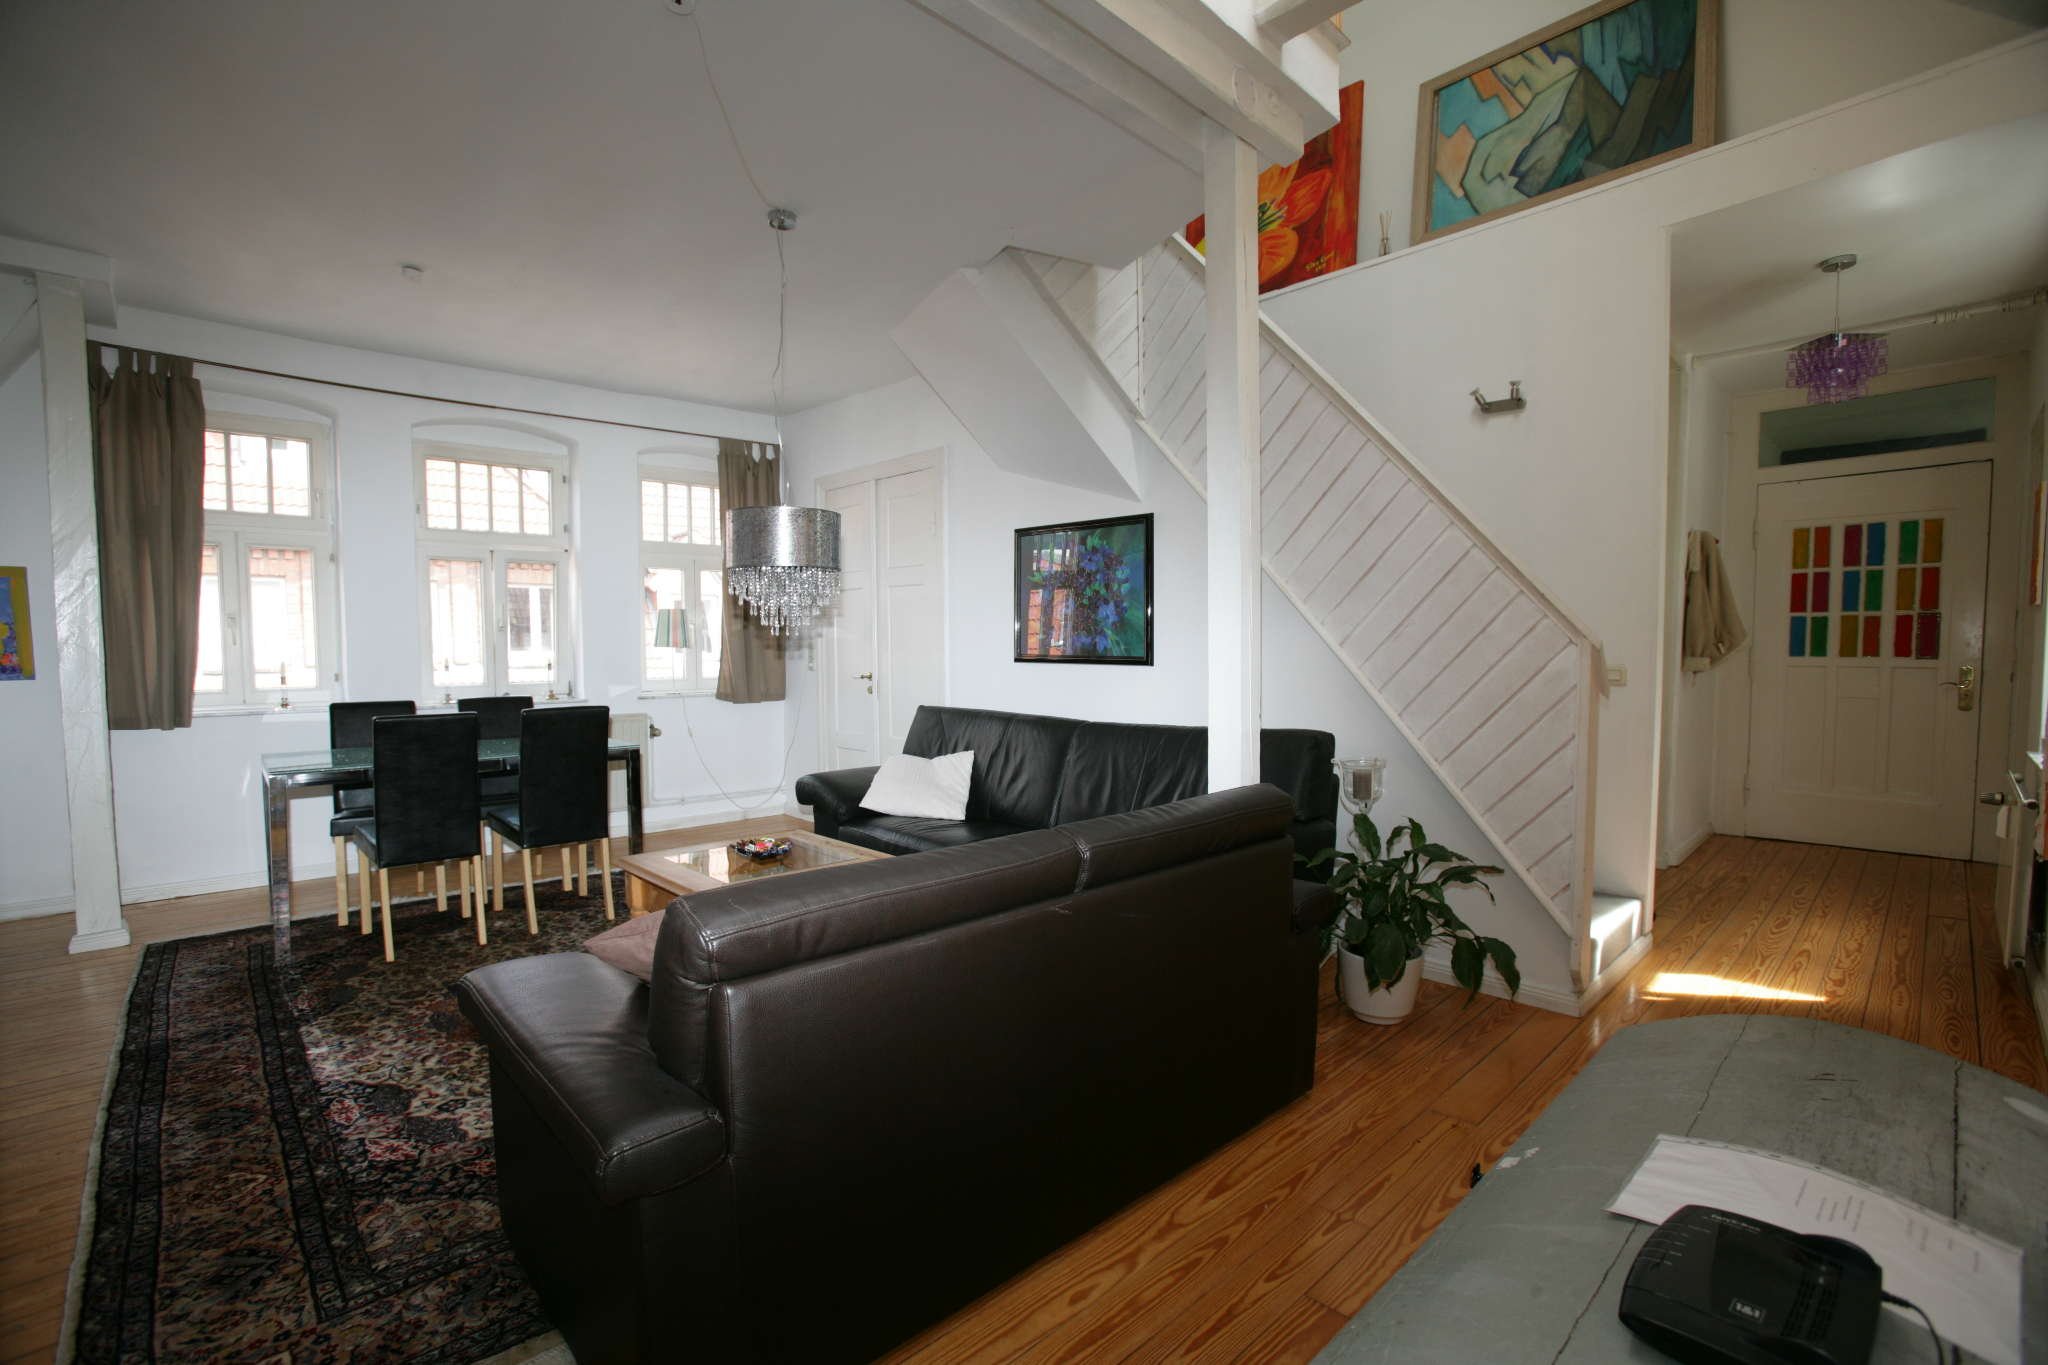 Helles und geräumiges Wohnzimmer